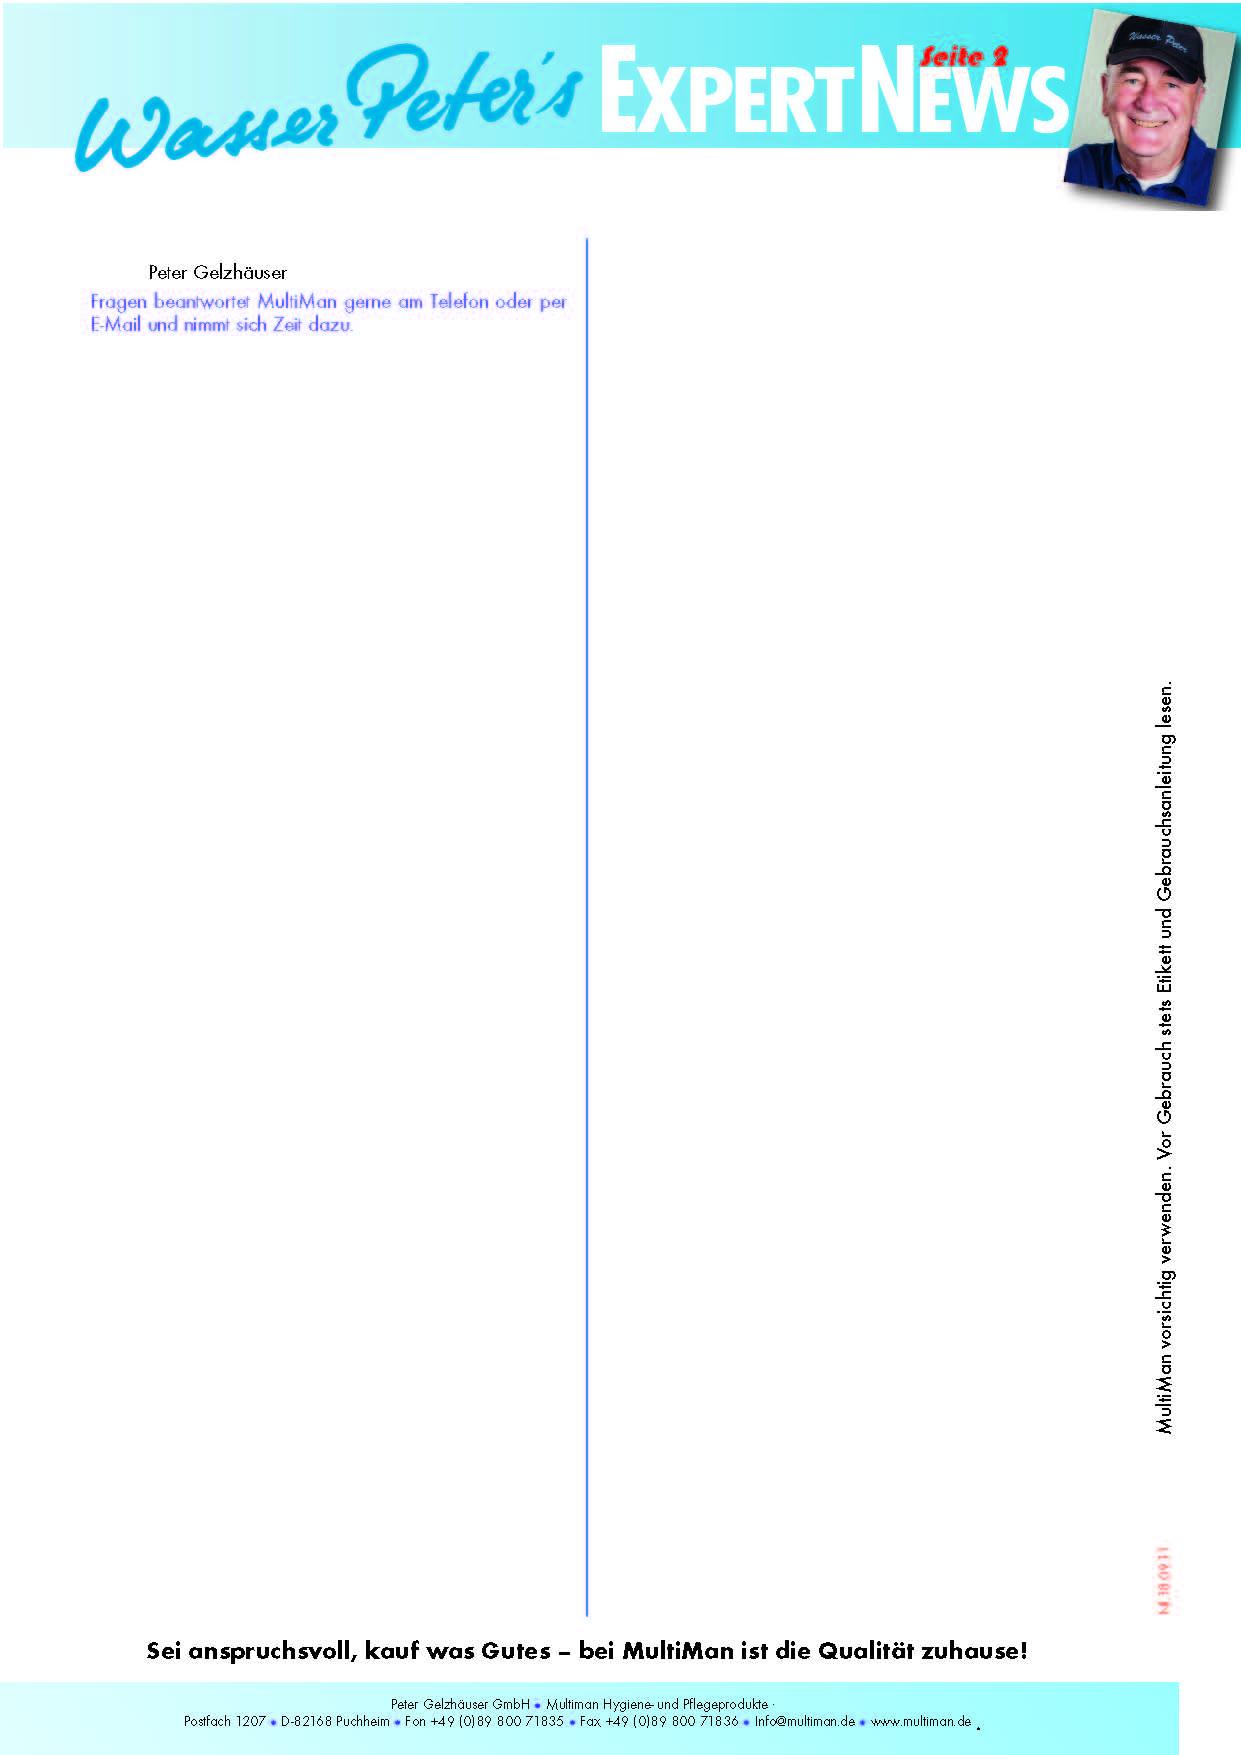 NL-19-08-09-Box-Serie_CSD_HQ_Seite_2OibRiEzlqQa0S